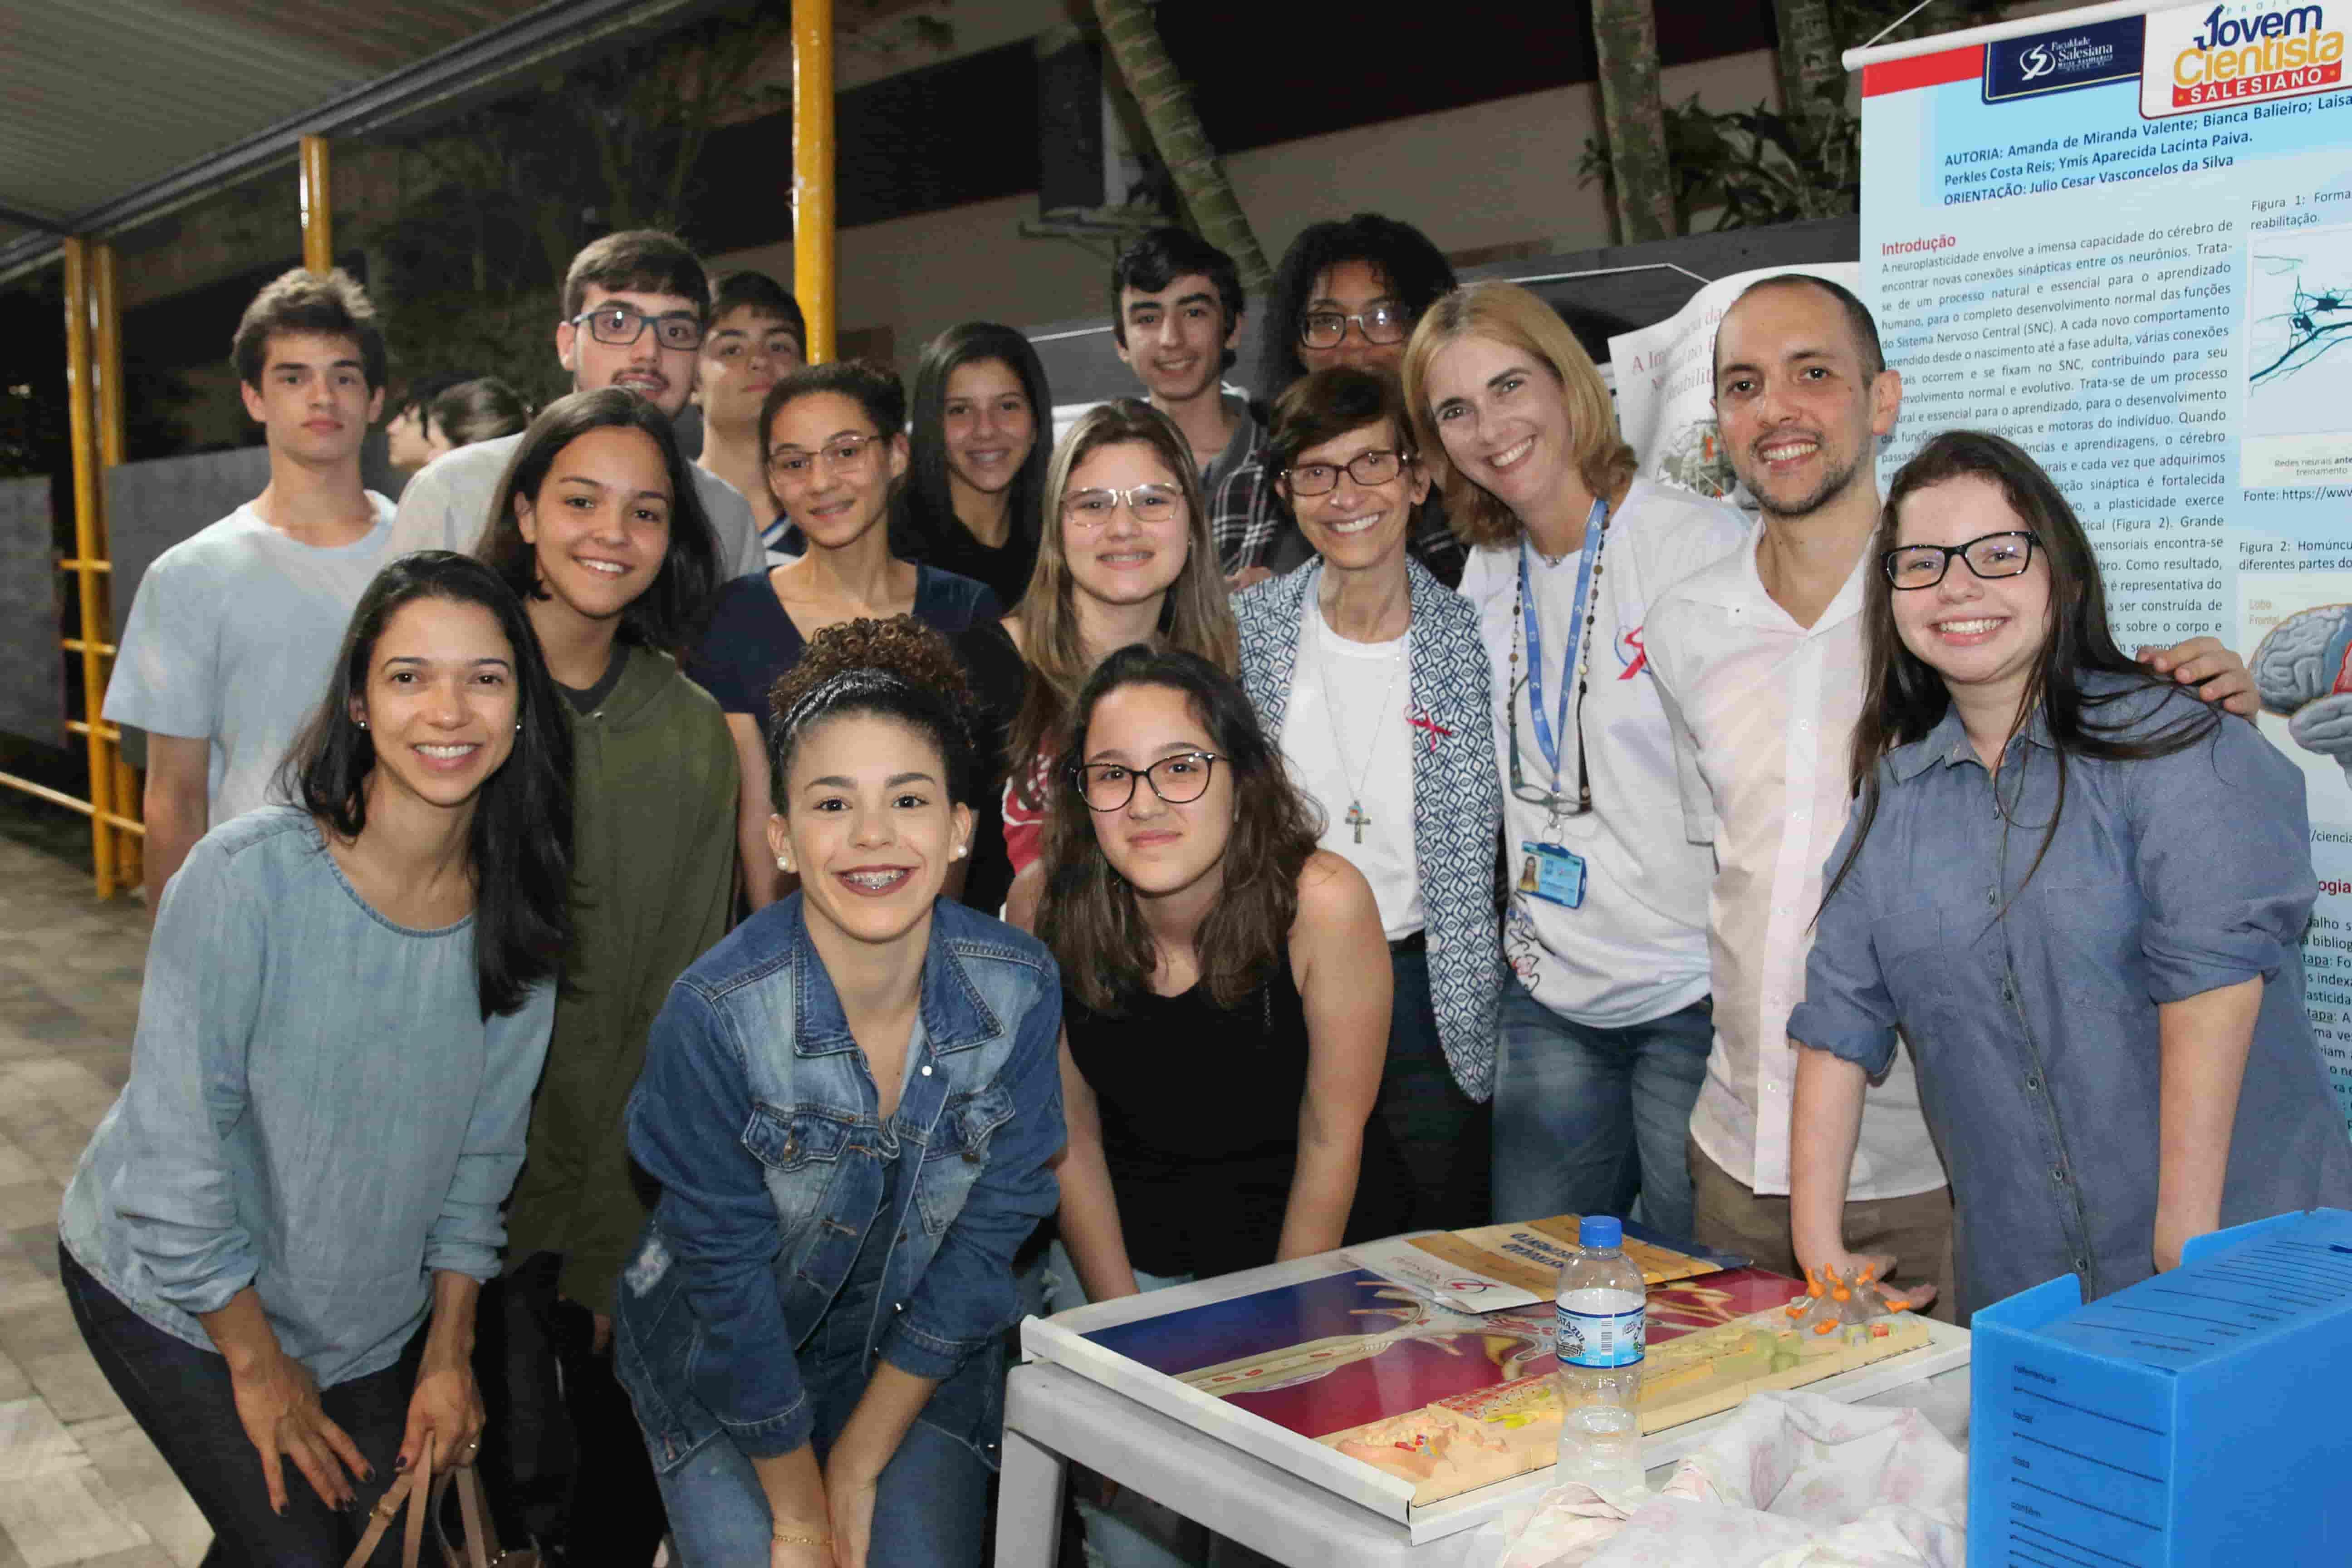 Jovens cientistas publicam artigo na OALib Journal